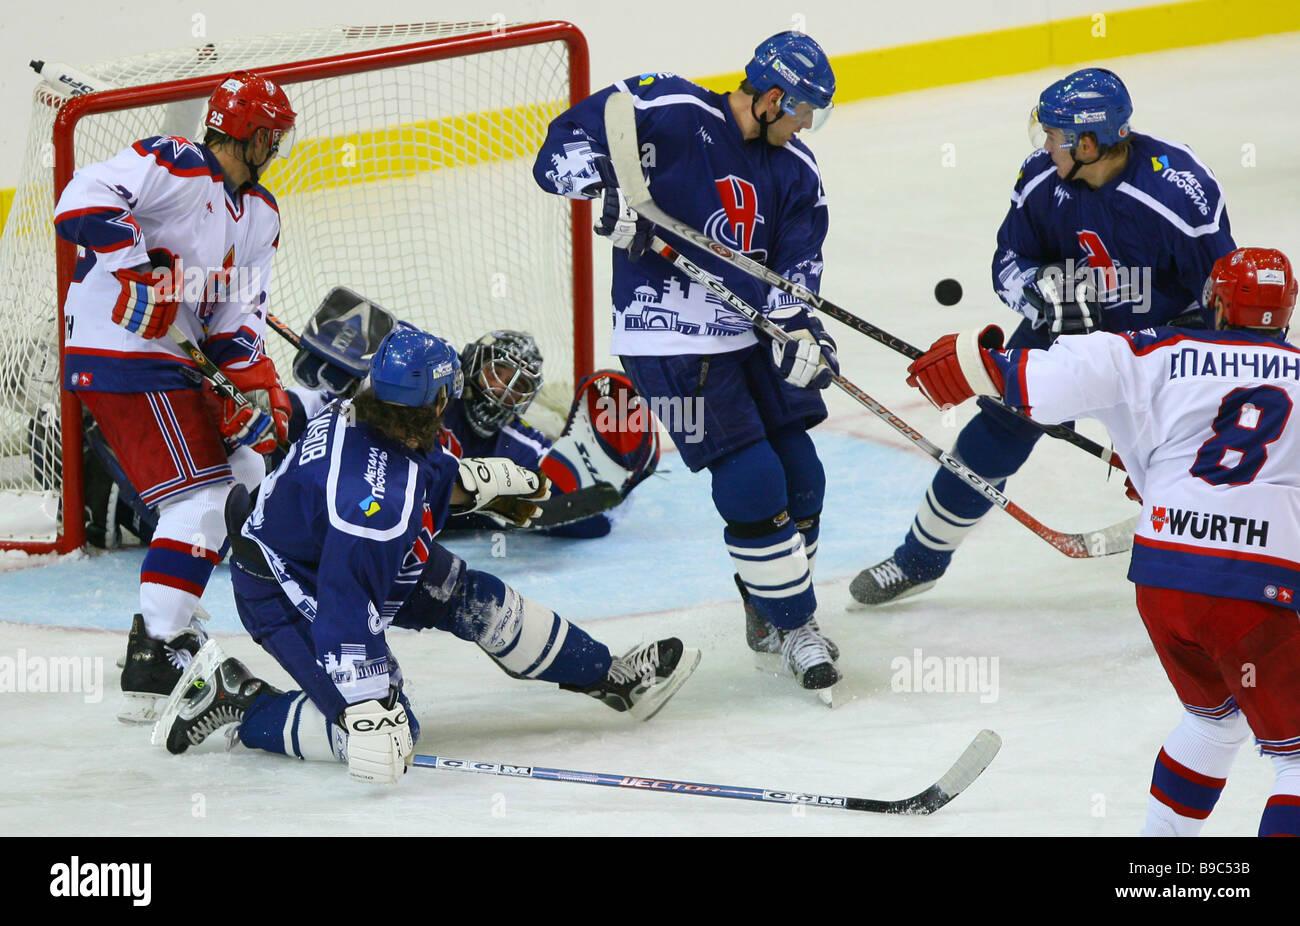 Un moment intense à l'objectif pendant un match de hockey entre le CSKA Moscou et Sibir Novossibirsk, au Photo Stock